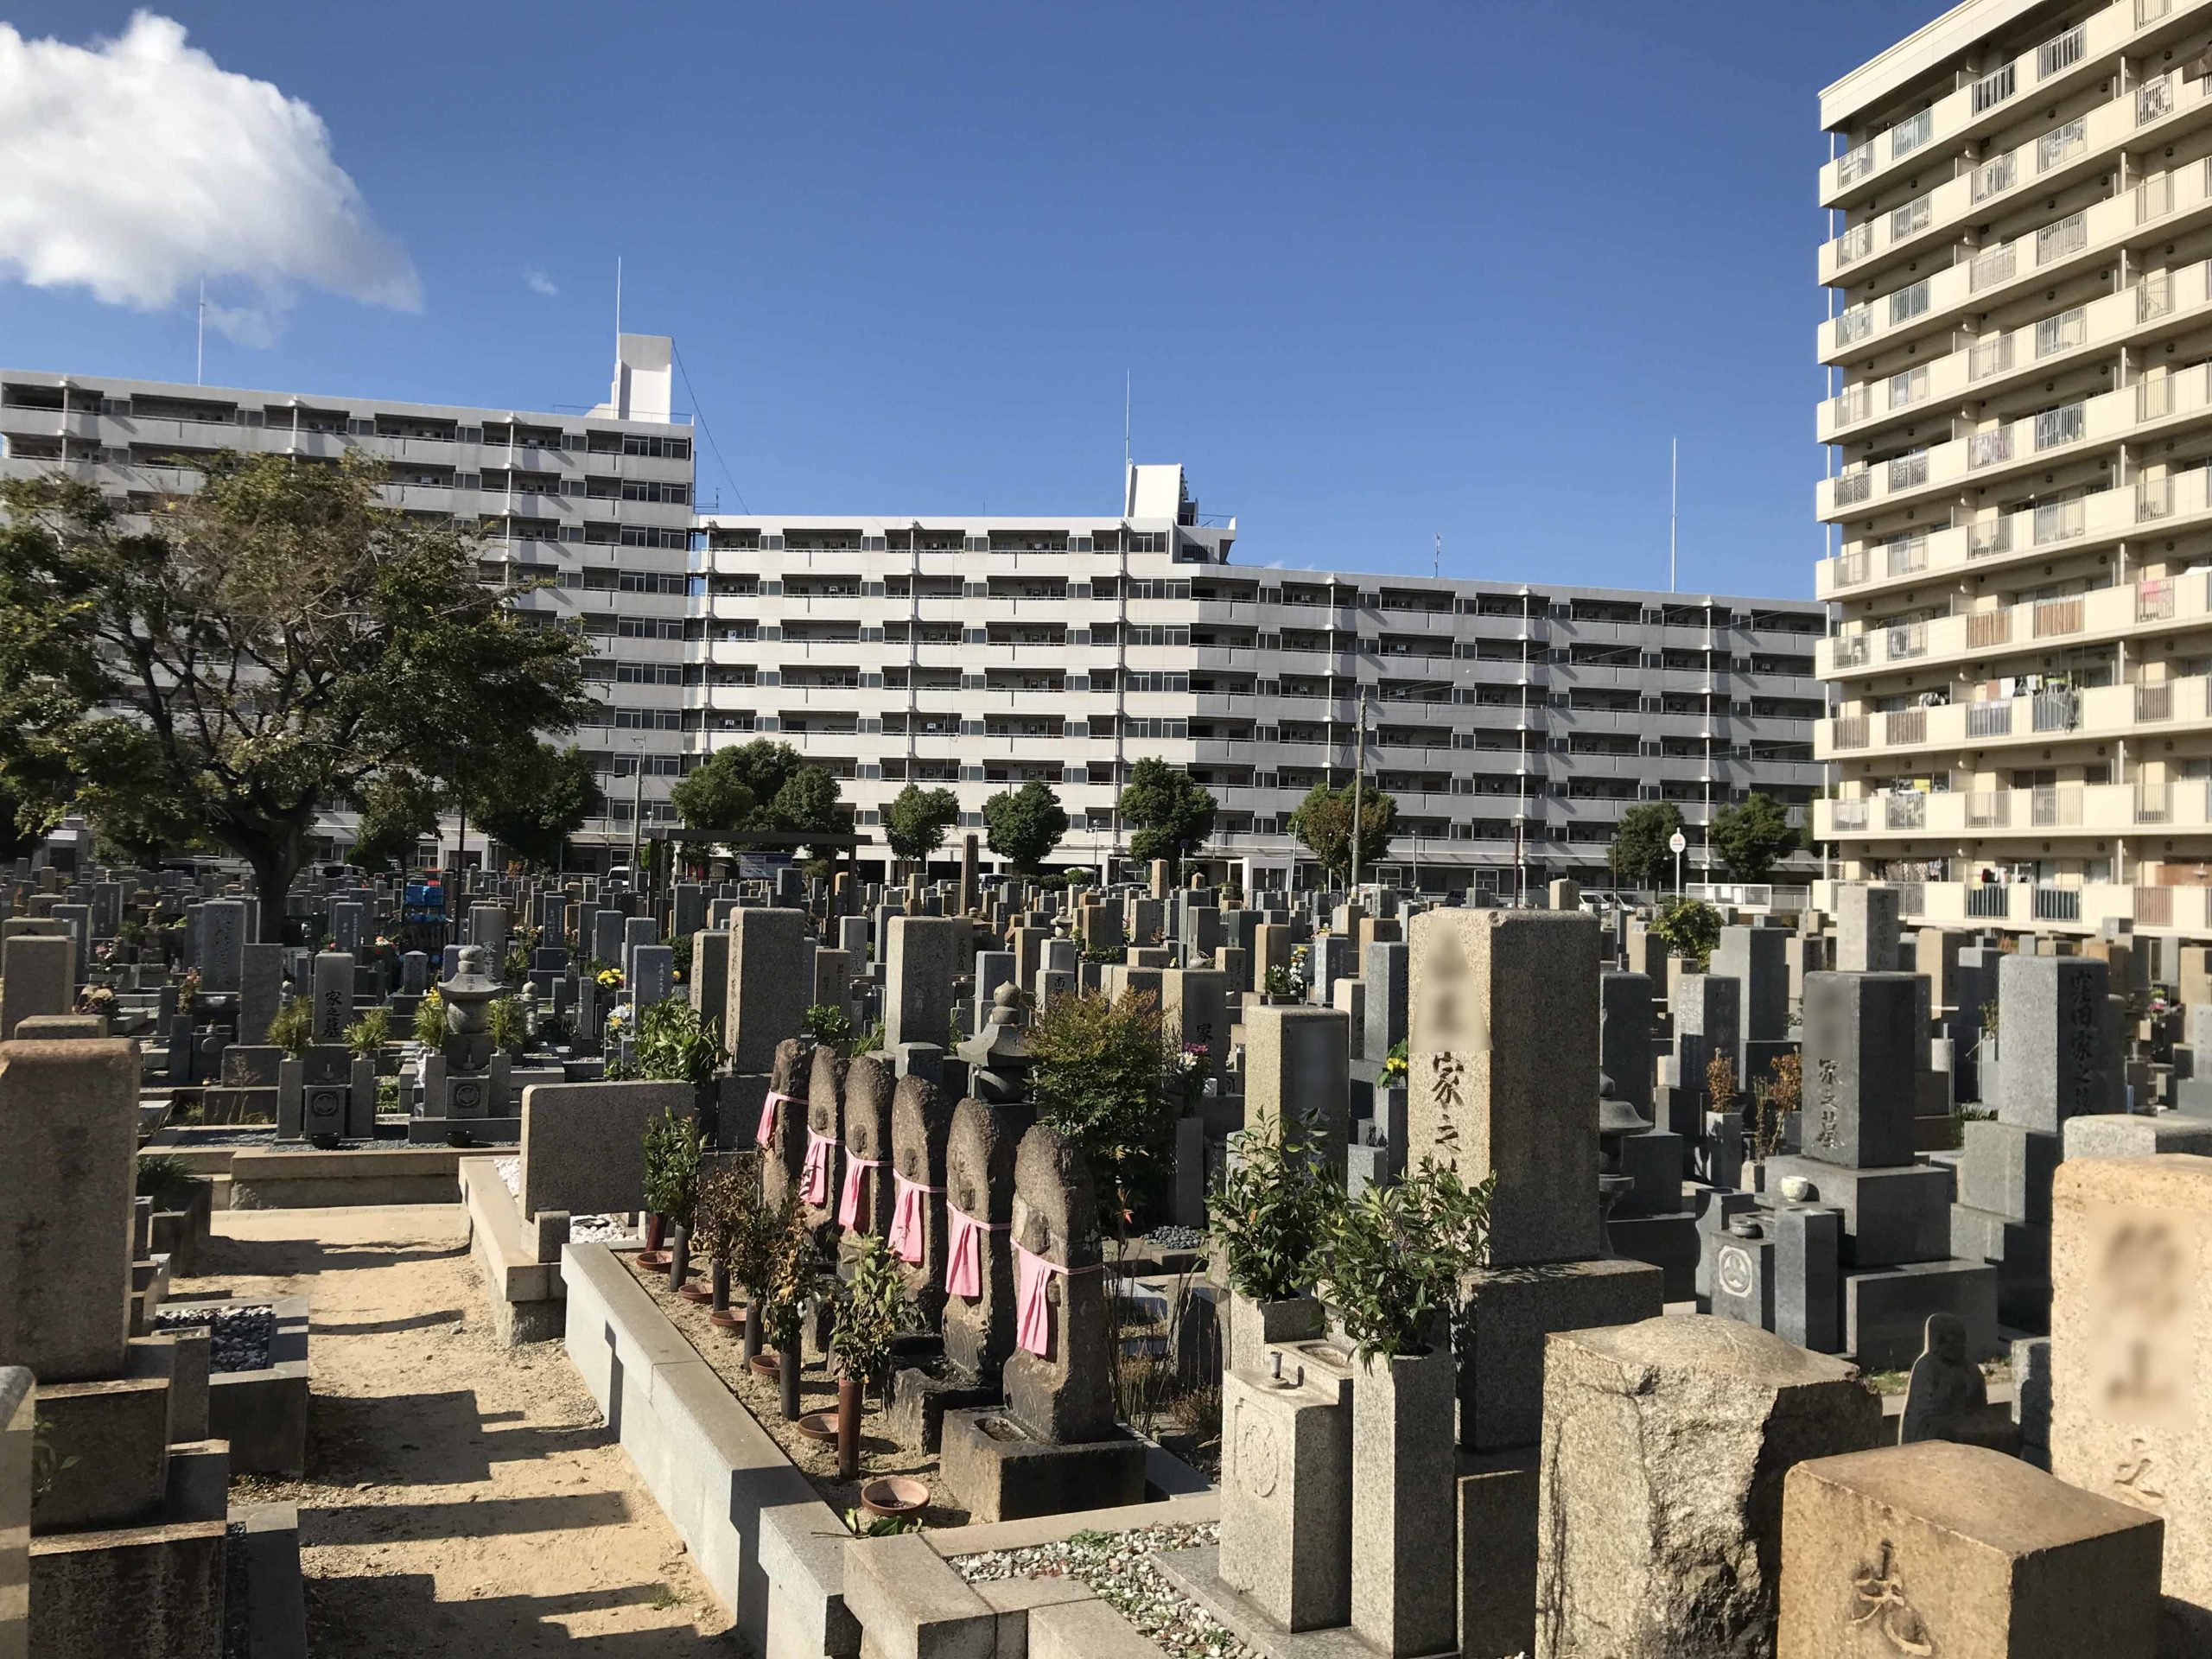 本庄墓地(神戸市東灘区)のお墓の様子